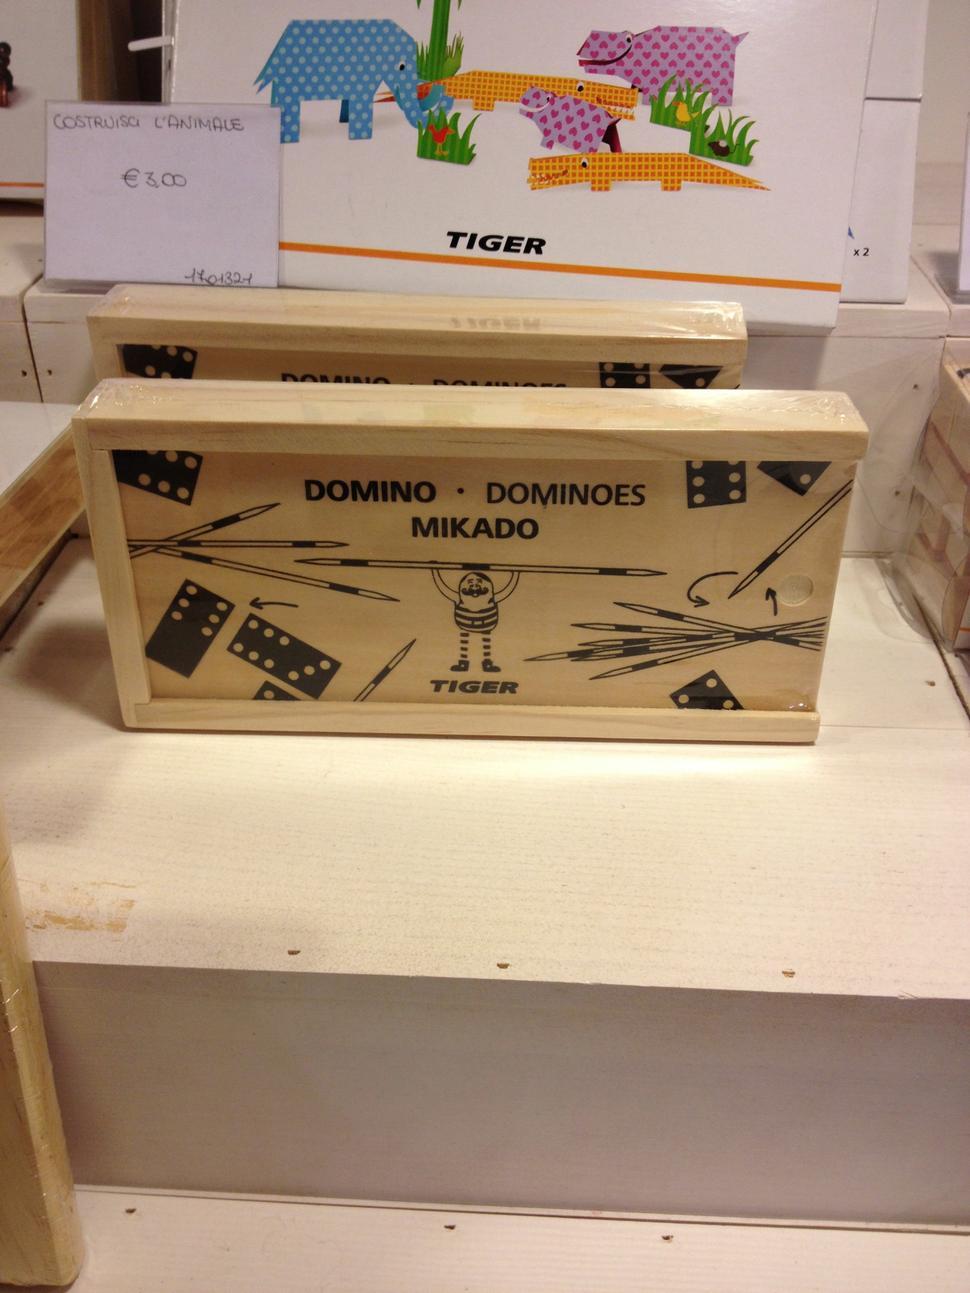 mikado shangai e domino giochi da tavola da tiger viale marconi roma